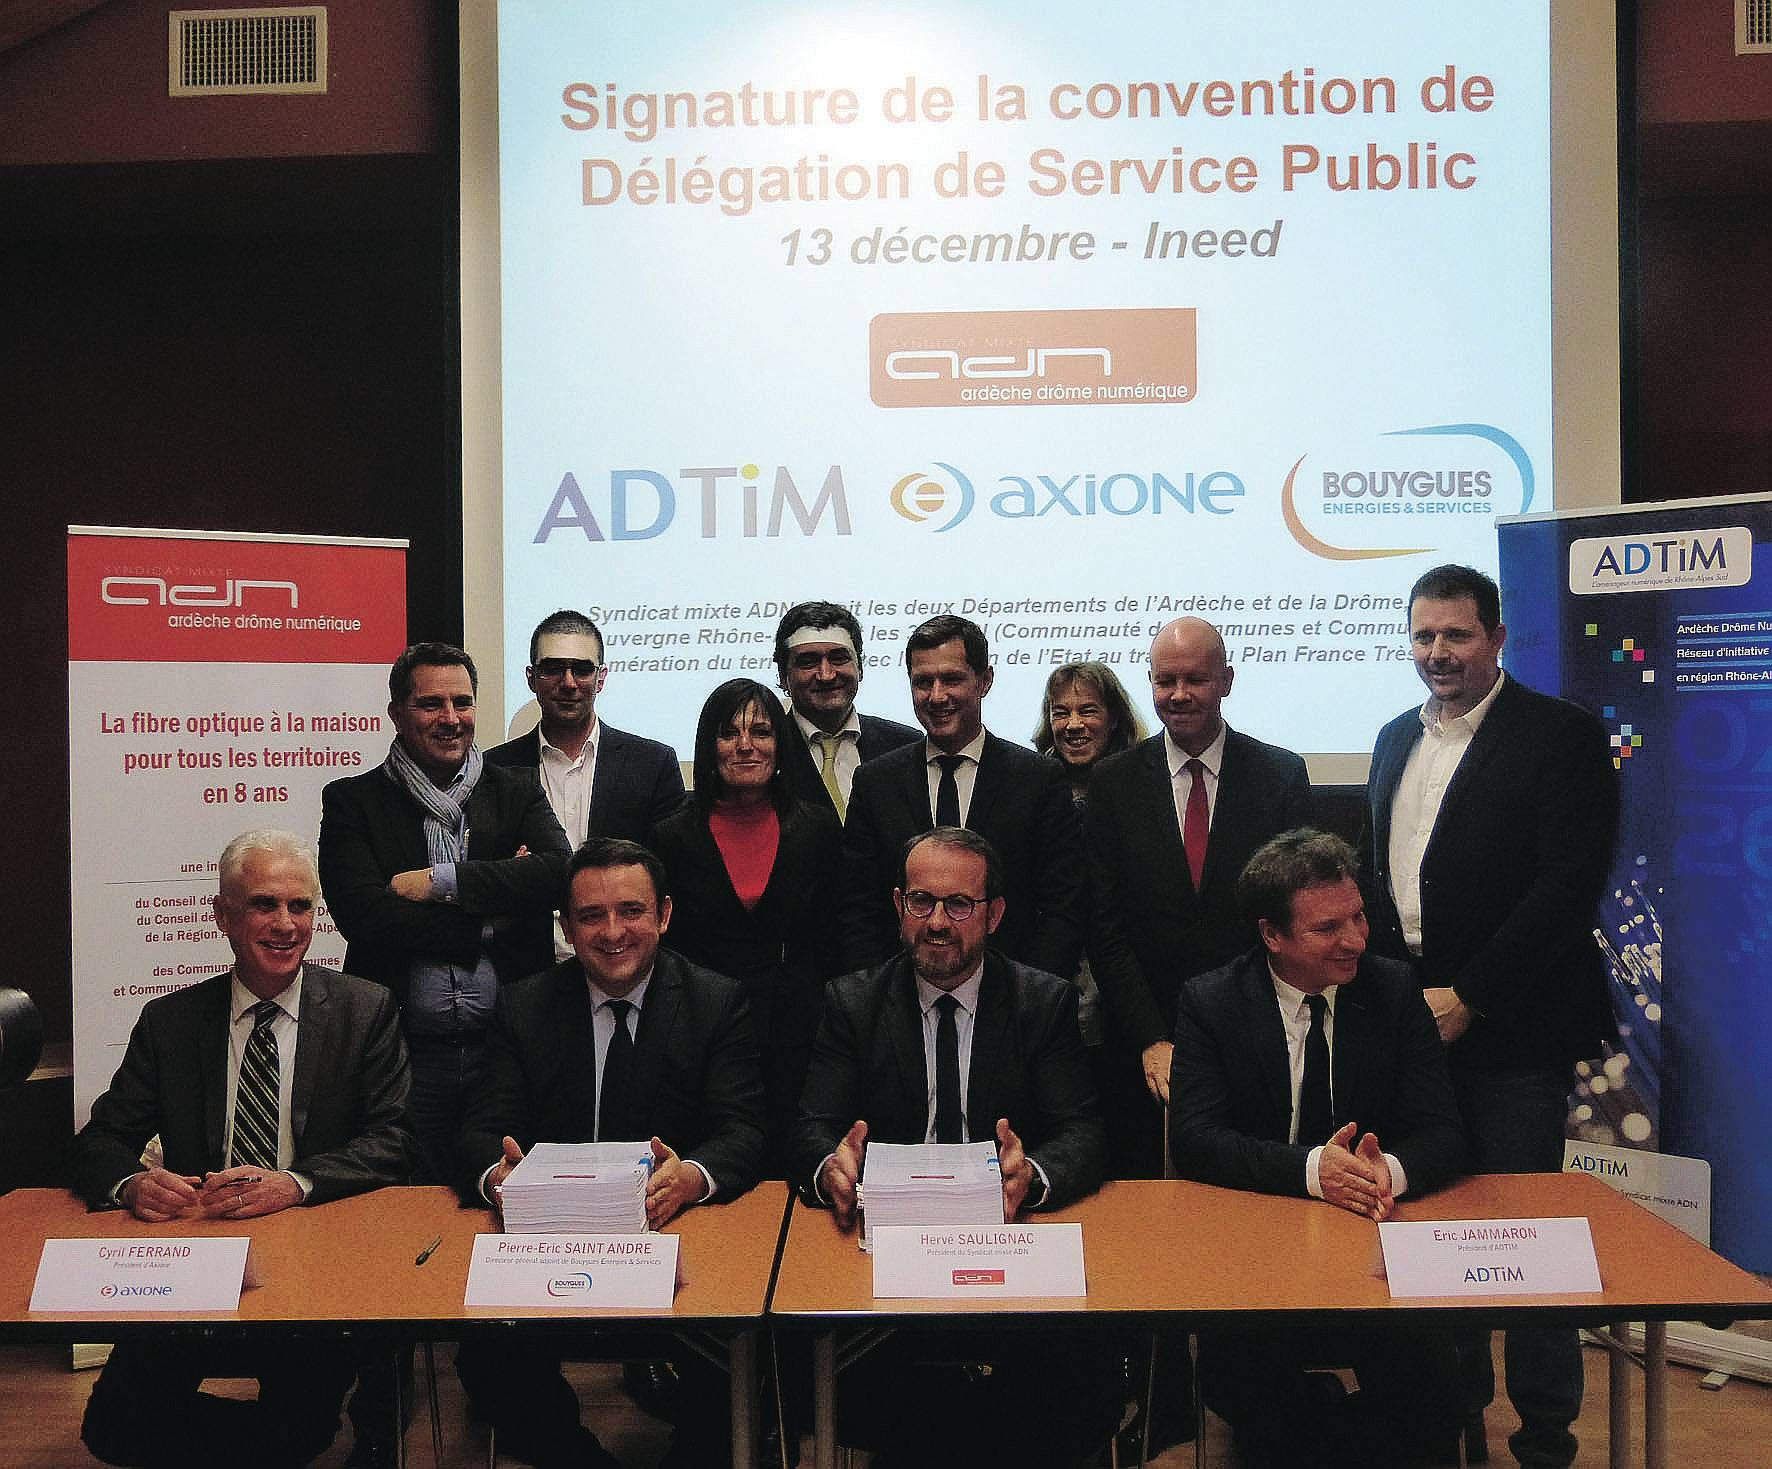 Le président du Syndicat mixte Ardèche Drôme Numérique (ADN), Hervé Saulignac a signé officiellement le contrat de délégation de service public pour l'exploitation du réseau public de fibre optique (FTTH) bi-départemental...